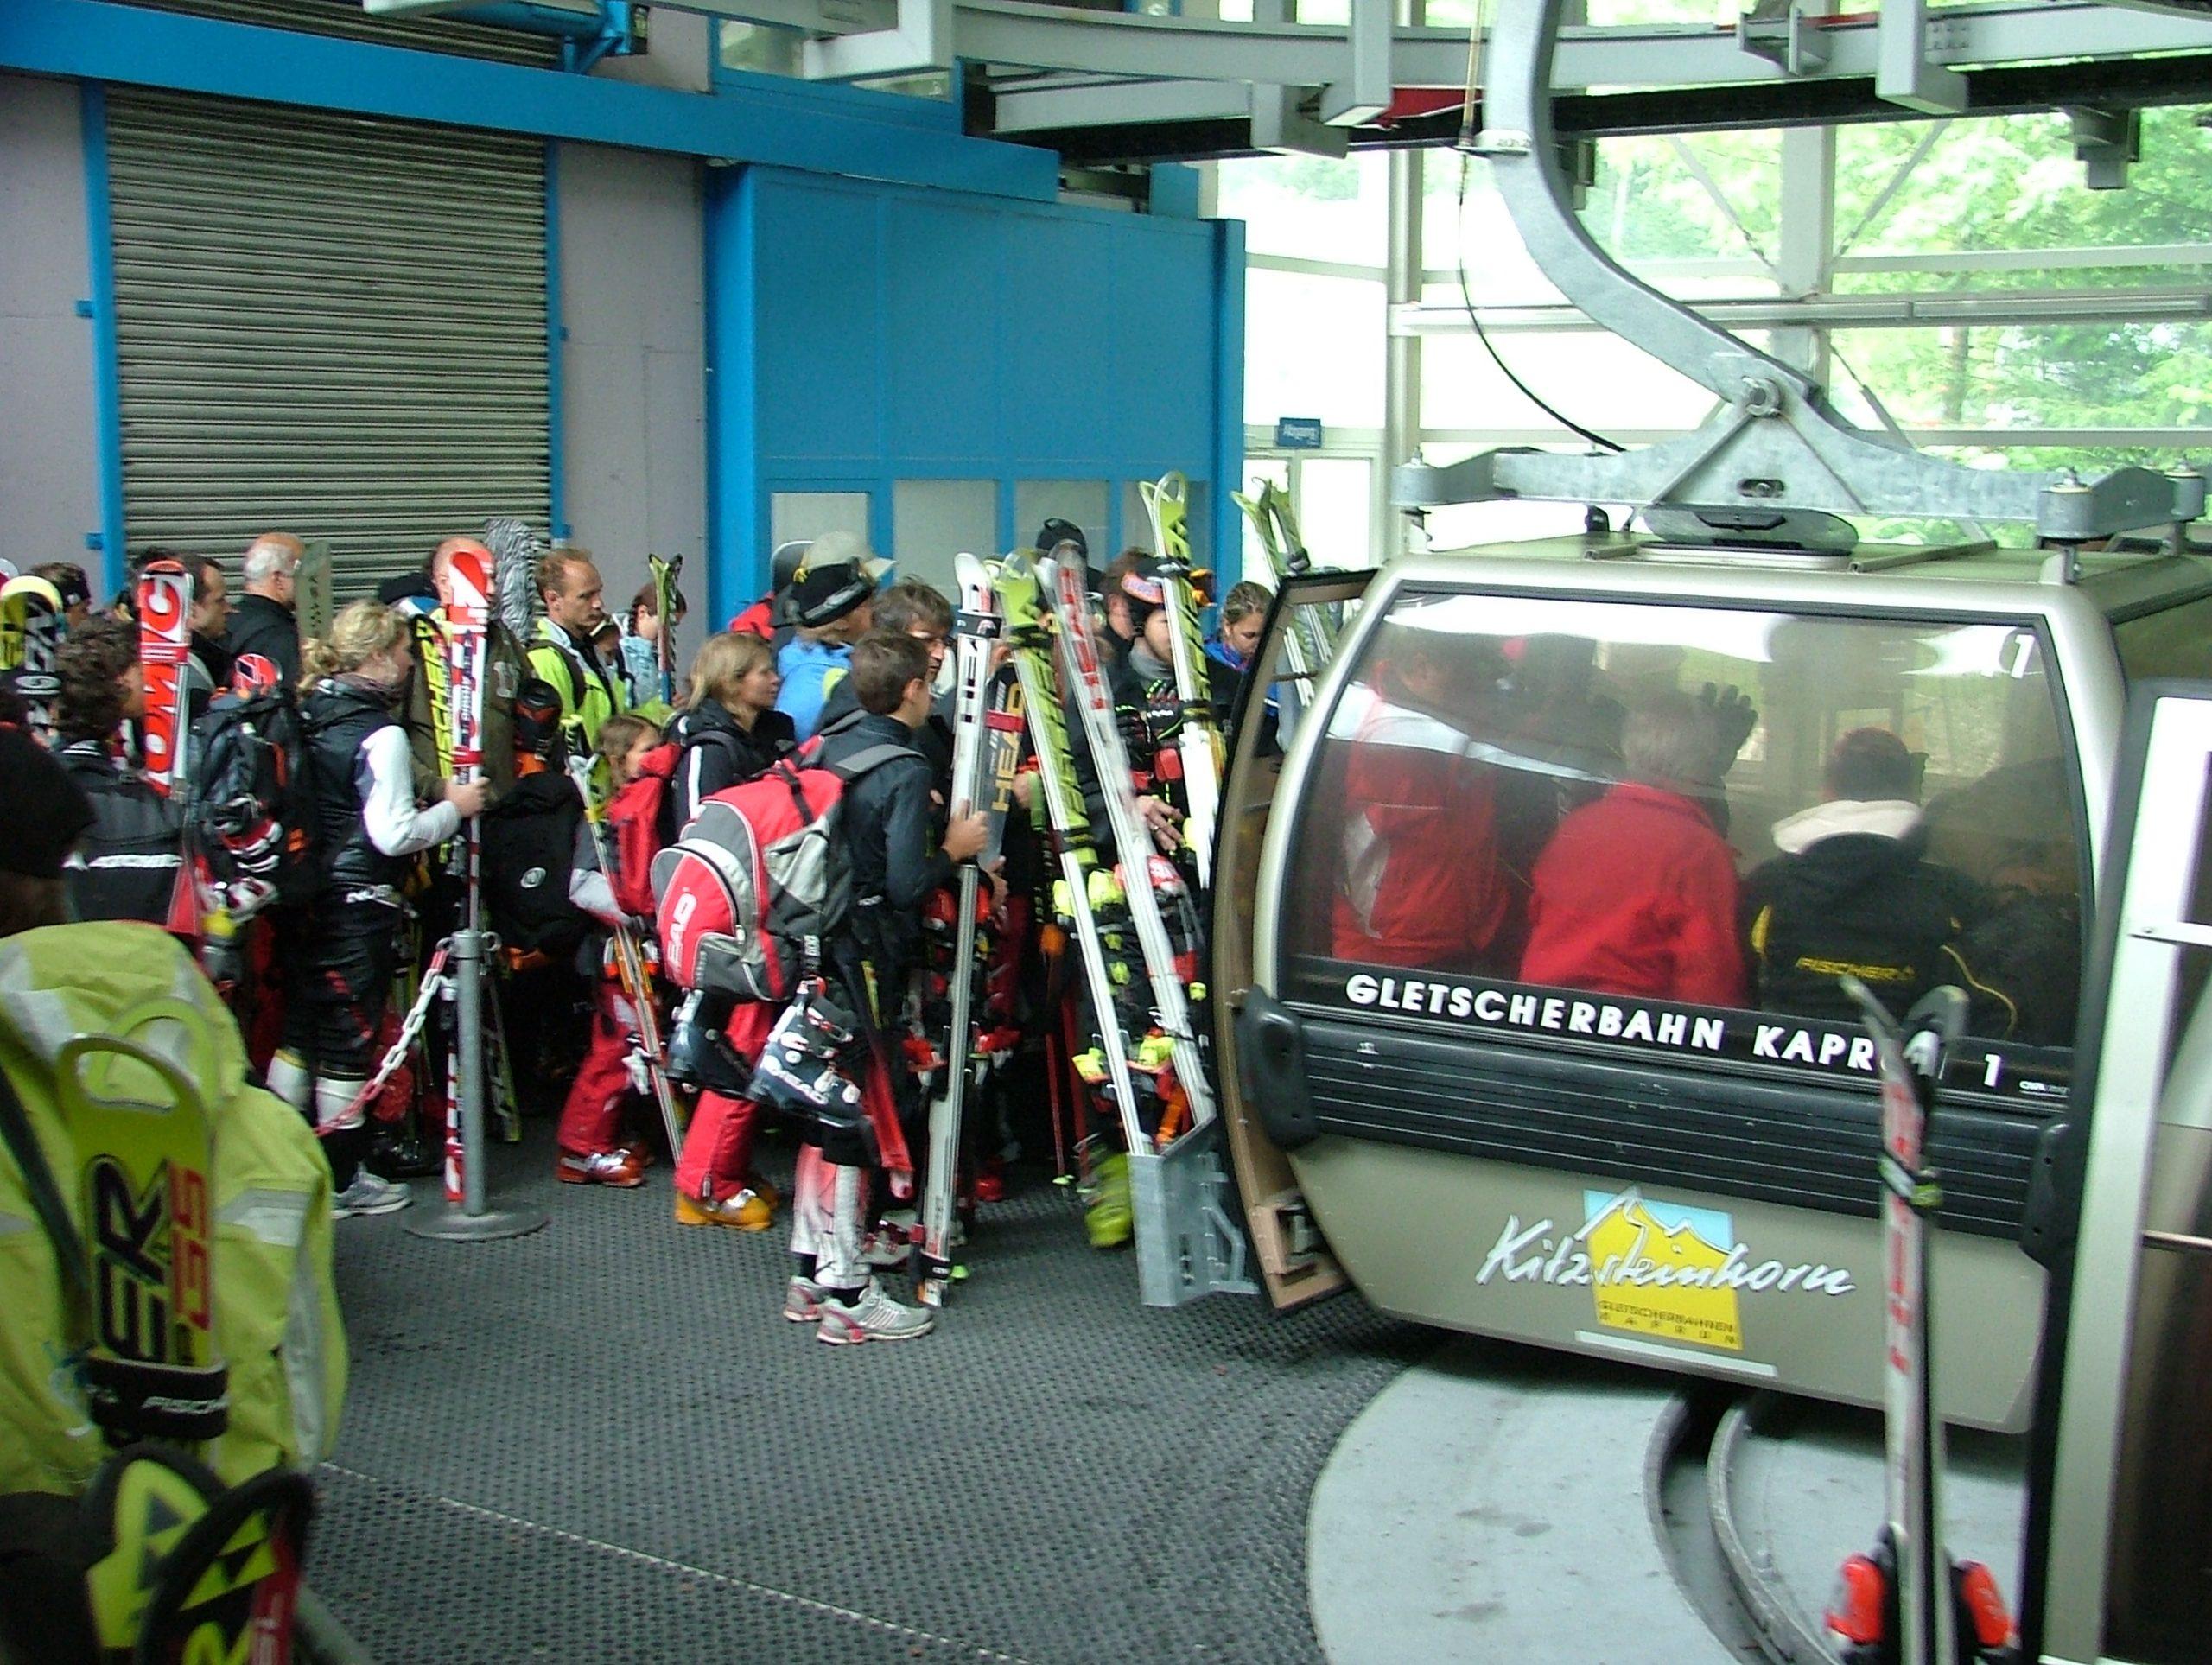 Piste Group/Skitnetworks, der fredag gik konkurs, havde i sidste regnskabsår 85.000 skandinaviske skiturister i alperne. Konkursen skønnes at blive den næststørste i Rejsegarantifondens historie. Arkivfoto fra Østrig: Henrik Baumgarten.